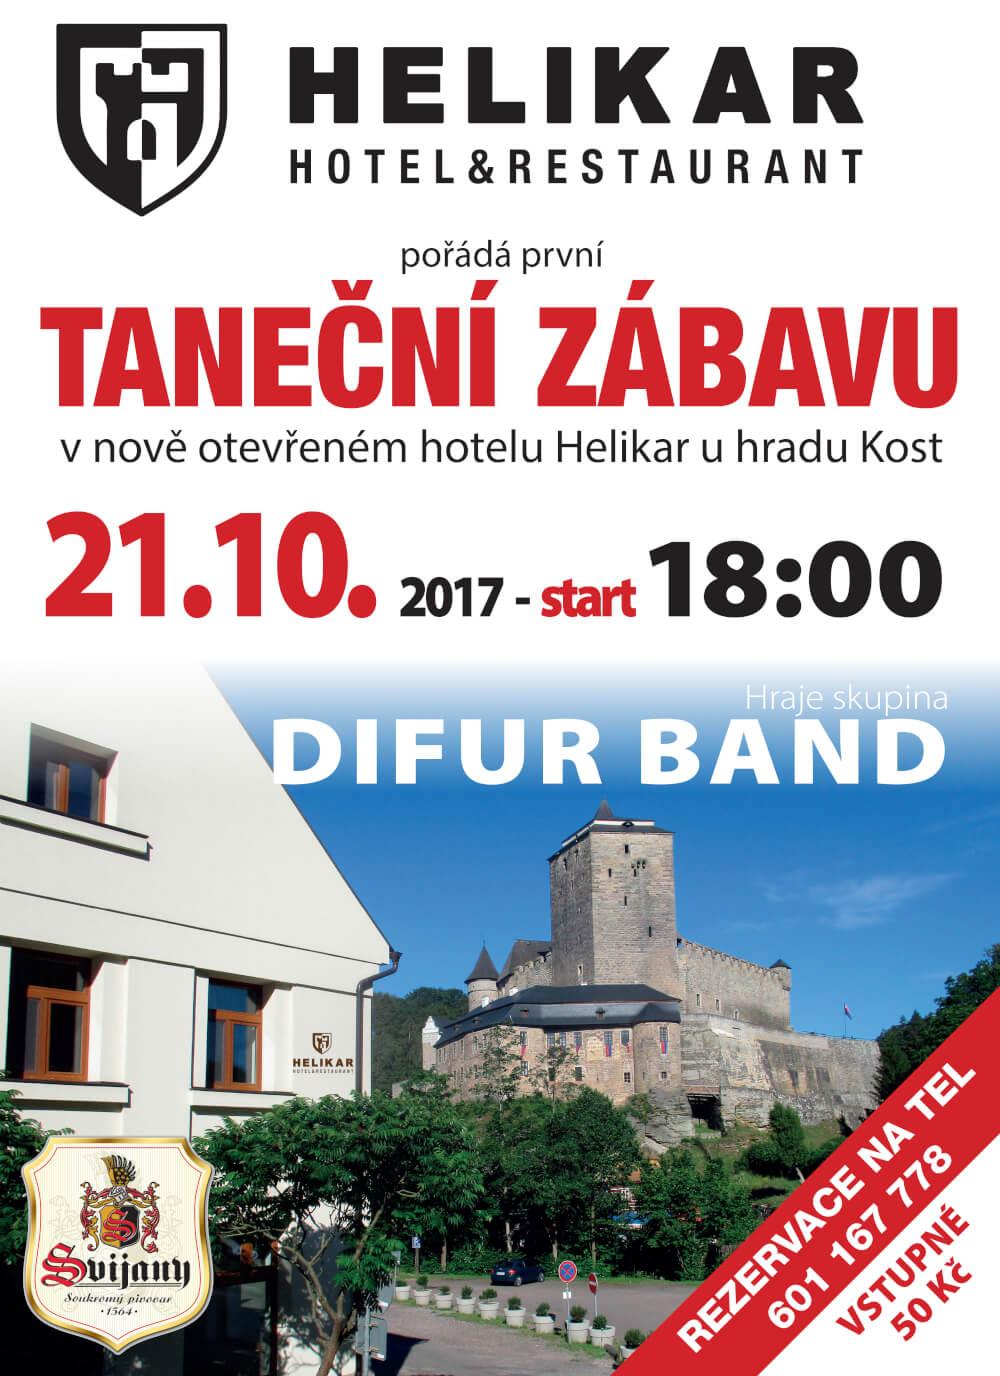 B Helikar První taneční zábava 21.10.2017_oprava.jpg